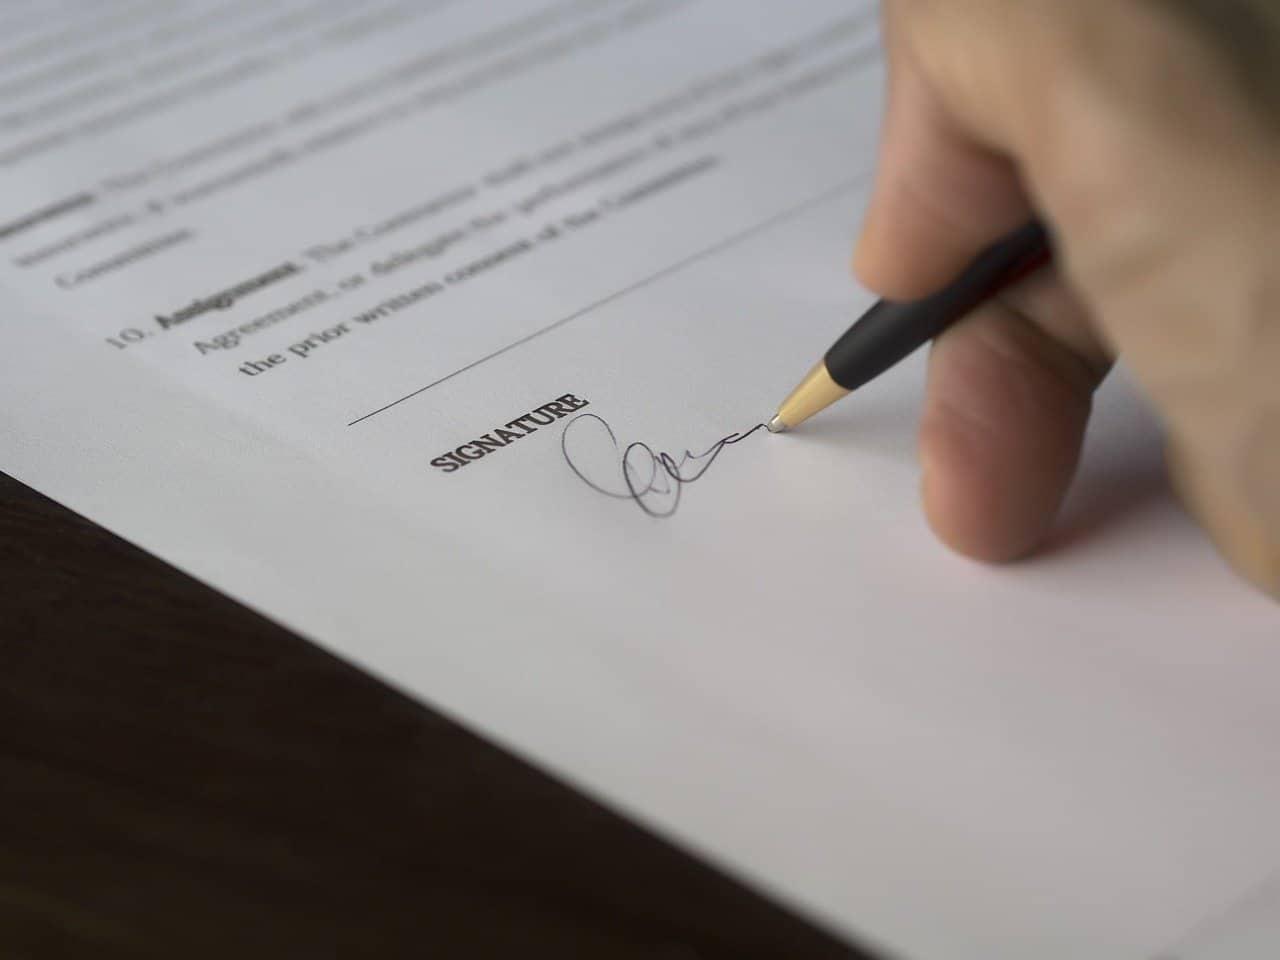 יד חותמת על הסכם